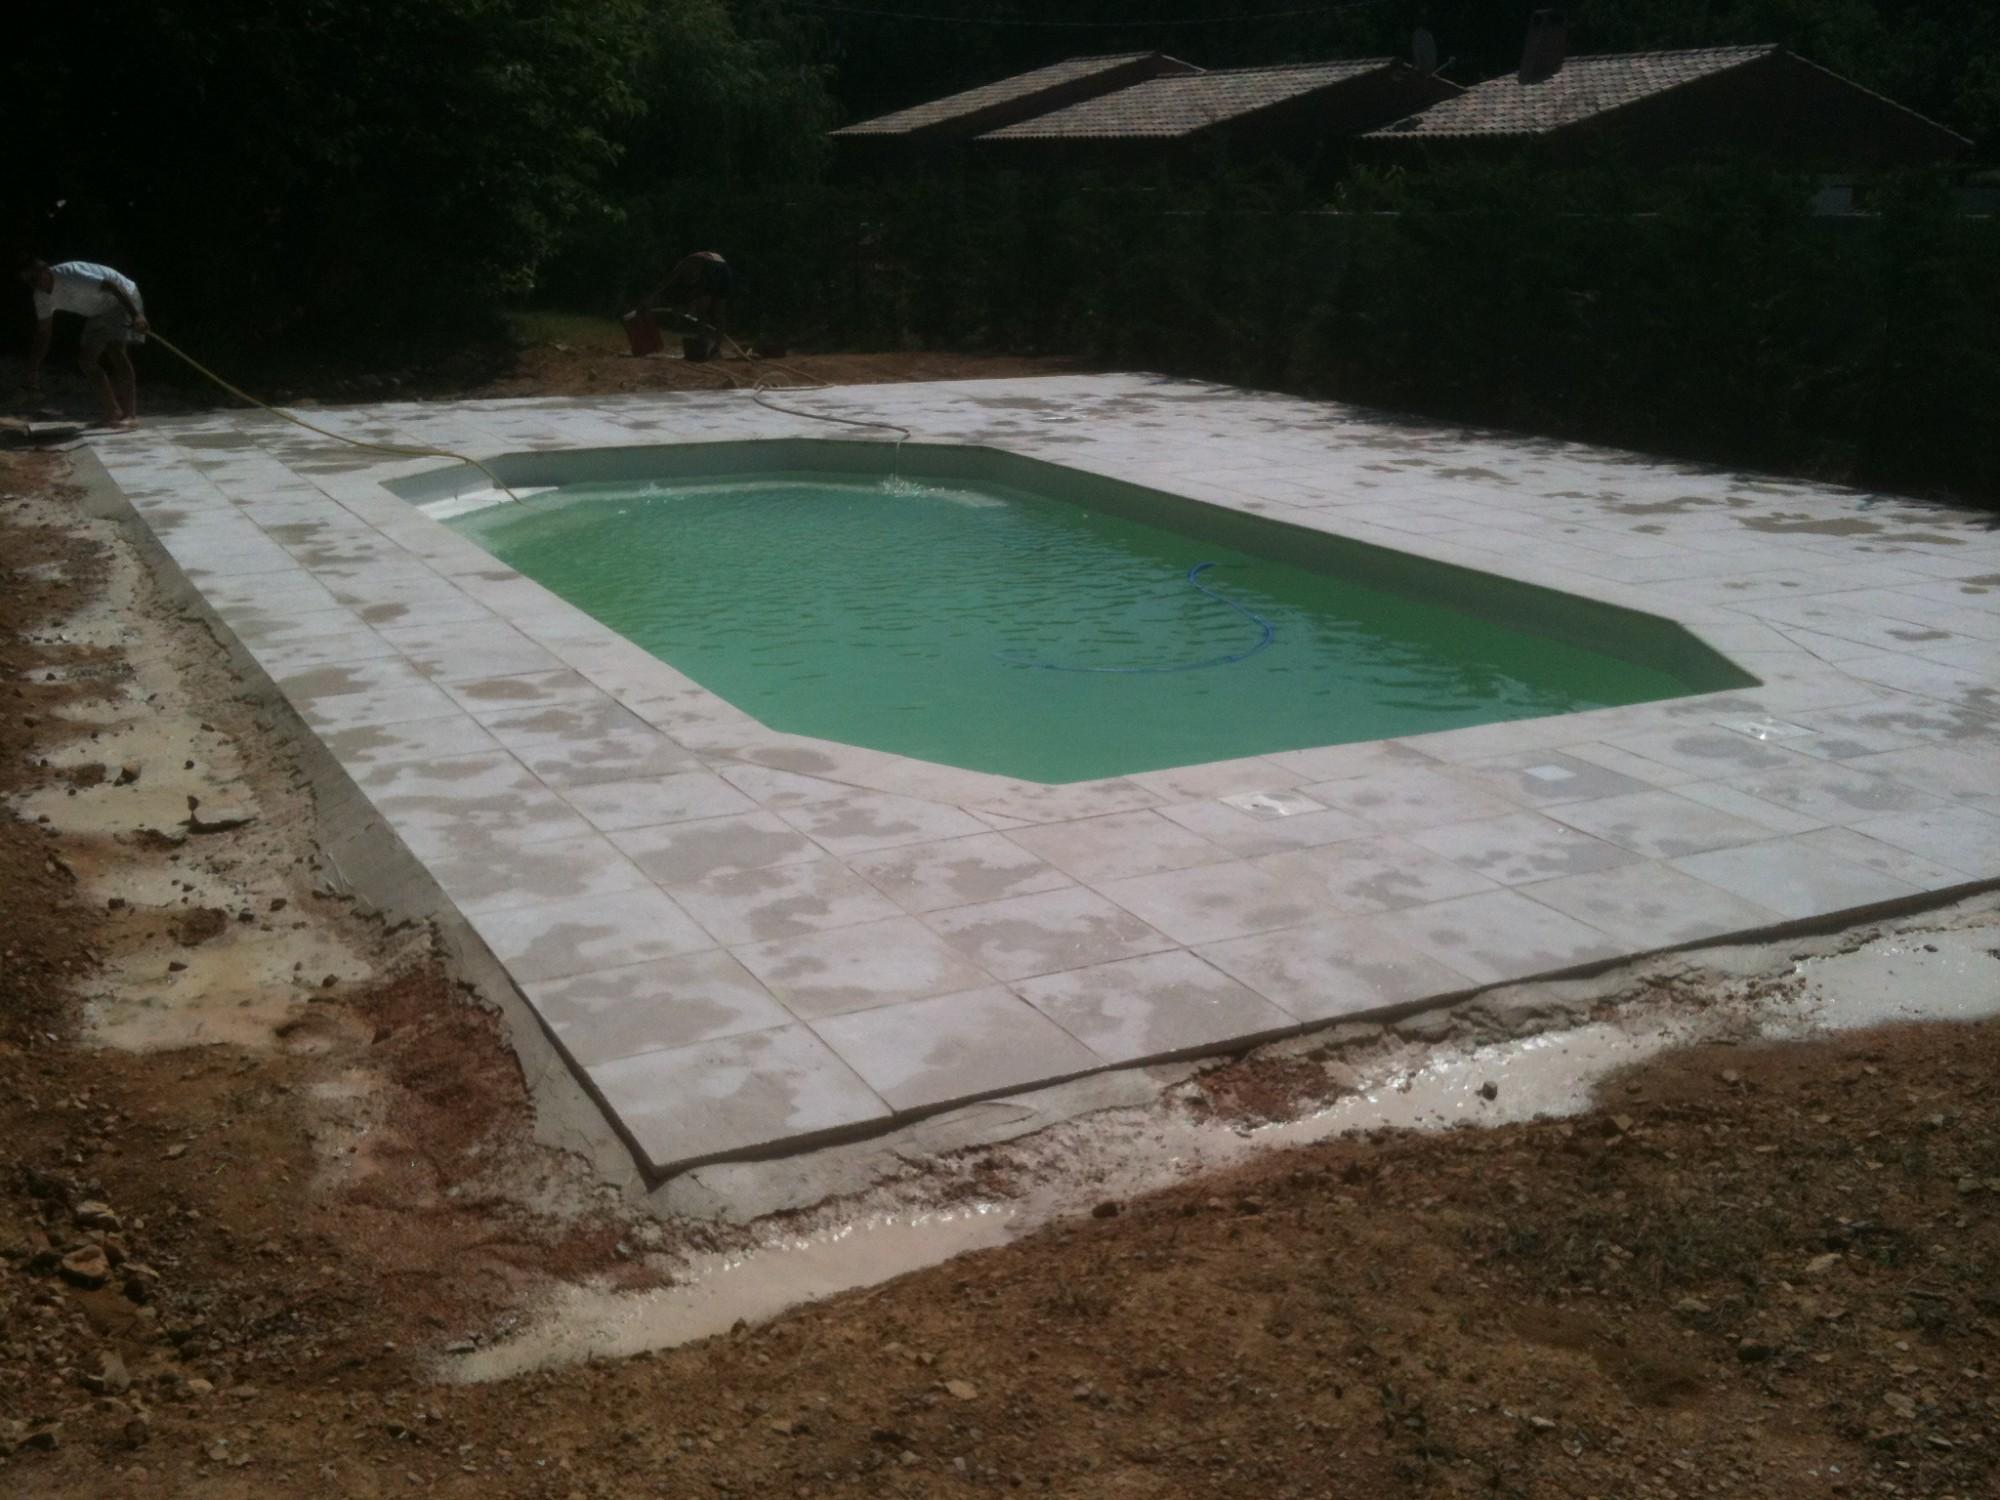 installation d 39 une coque alliance piscines par l 39 agence au fil de l 39 eau alliance toulon dans le. Black Bedroom Furniture Sets. Home Design Ideas